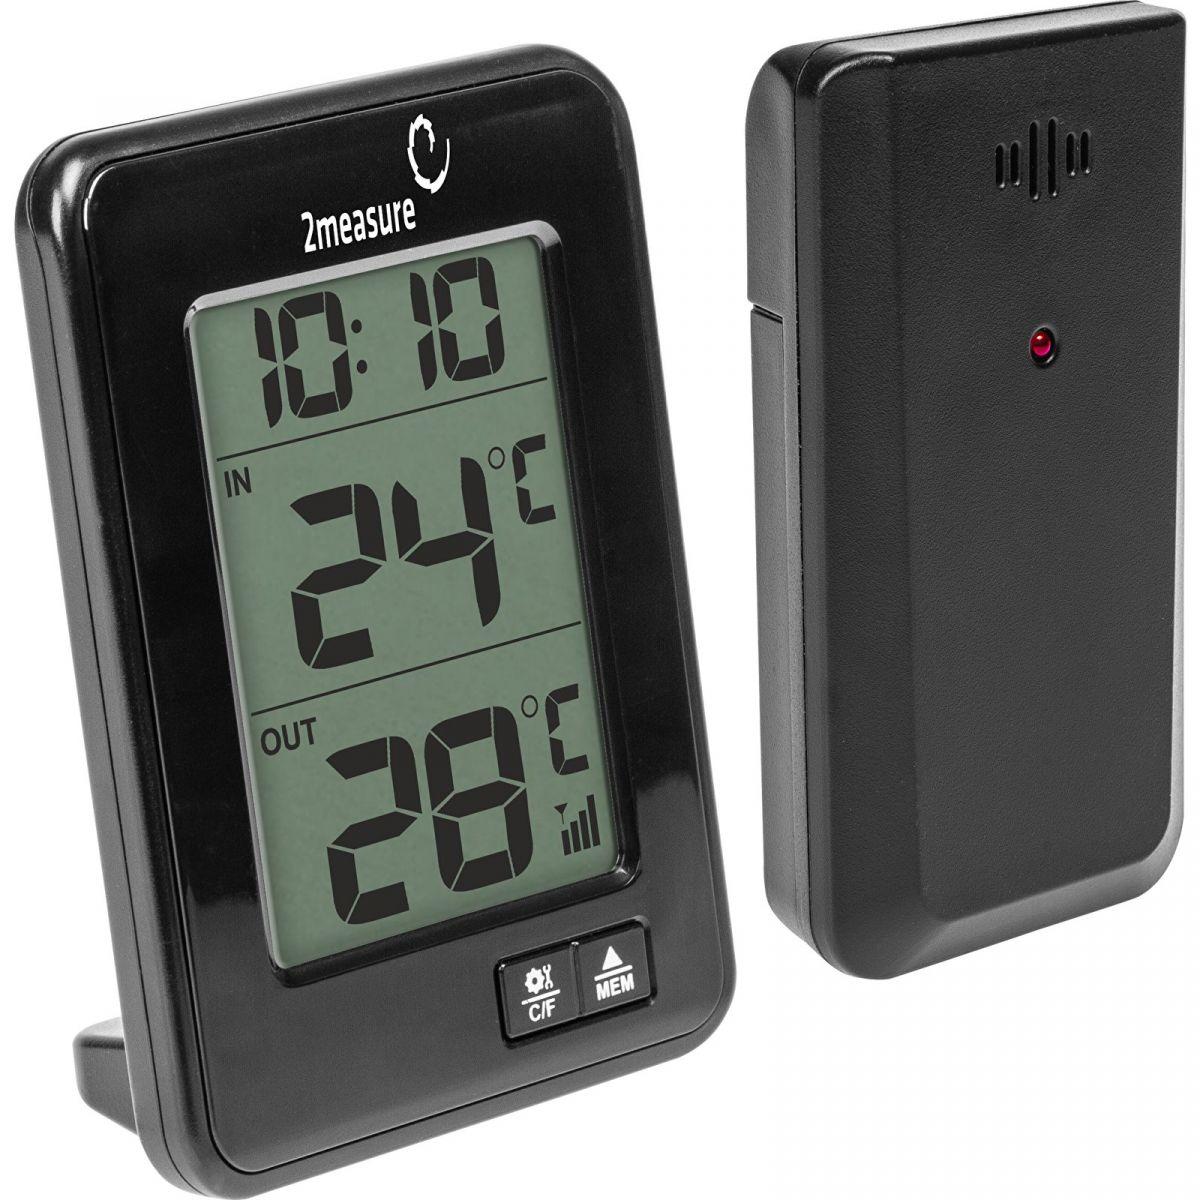 Termometr z czujnikiem bezprzewodowym wskazujący temperaturę na zewnątrz, wewnątrz oraz aktualną godzinę